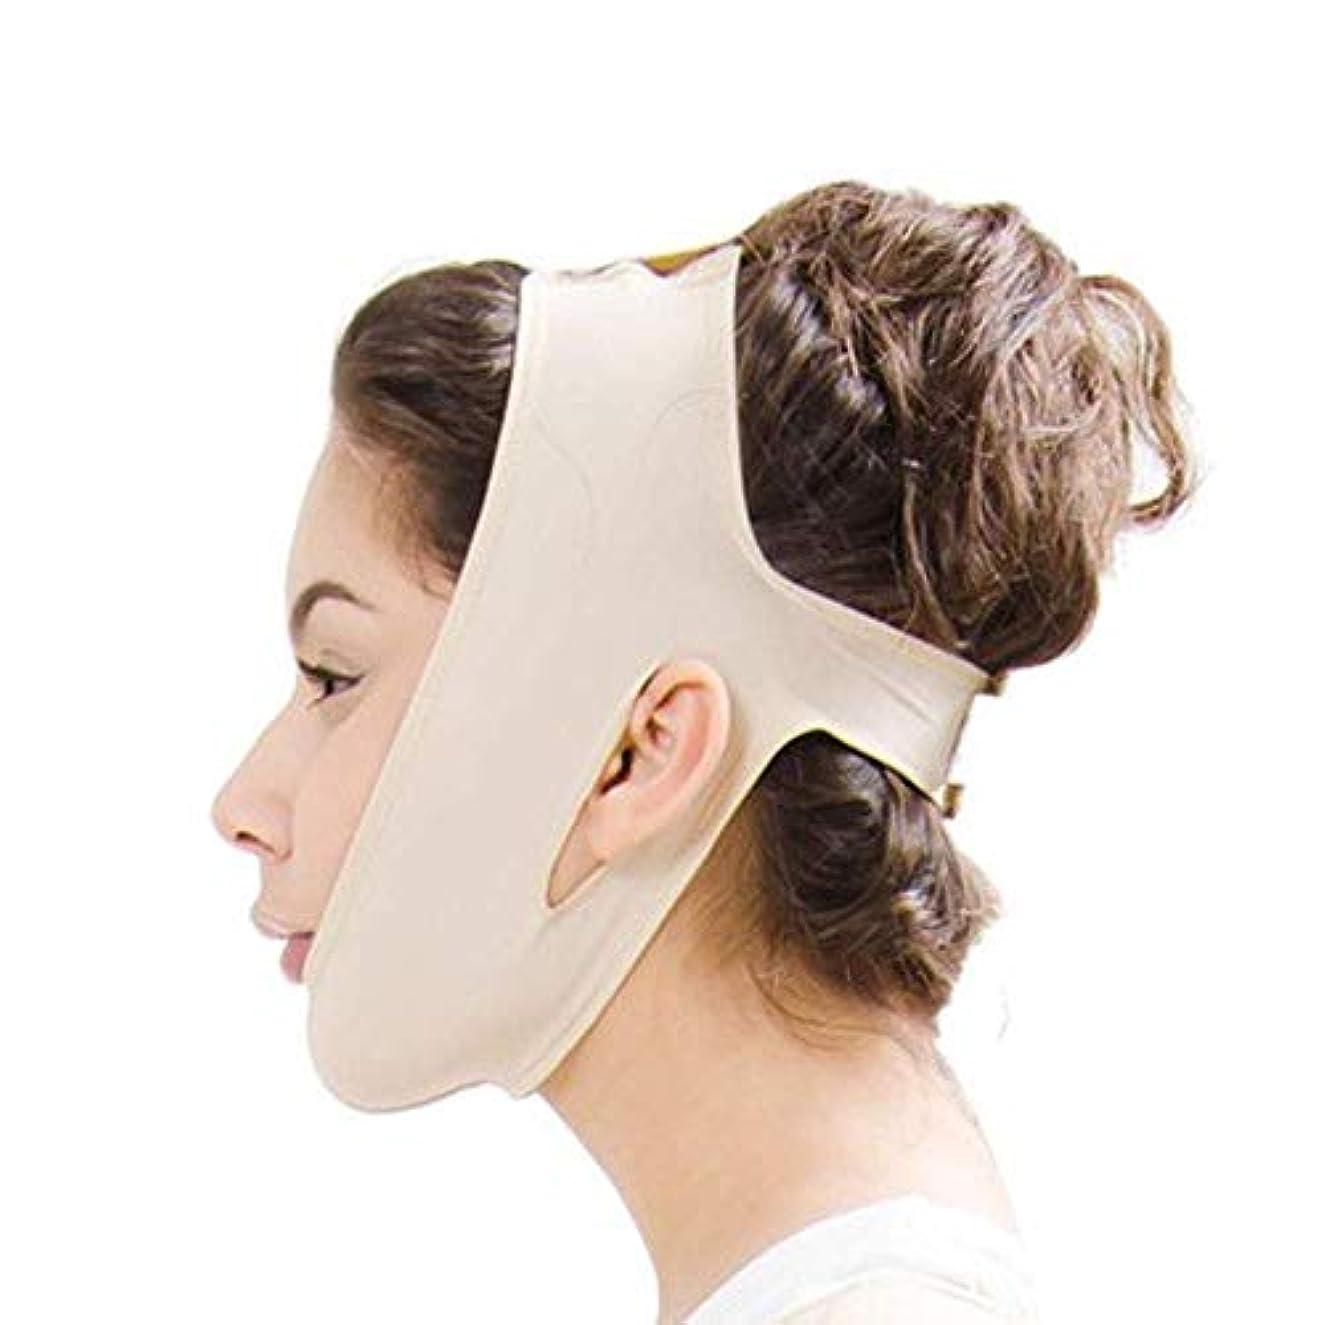 傷跡初期のつまらないフェイスリフティングマスク、フェイスダブルチンコンプレッションシンスモールVフェイスバンデージヘッドギアリフティングファーミングスキン(サイズ:M)